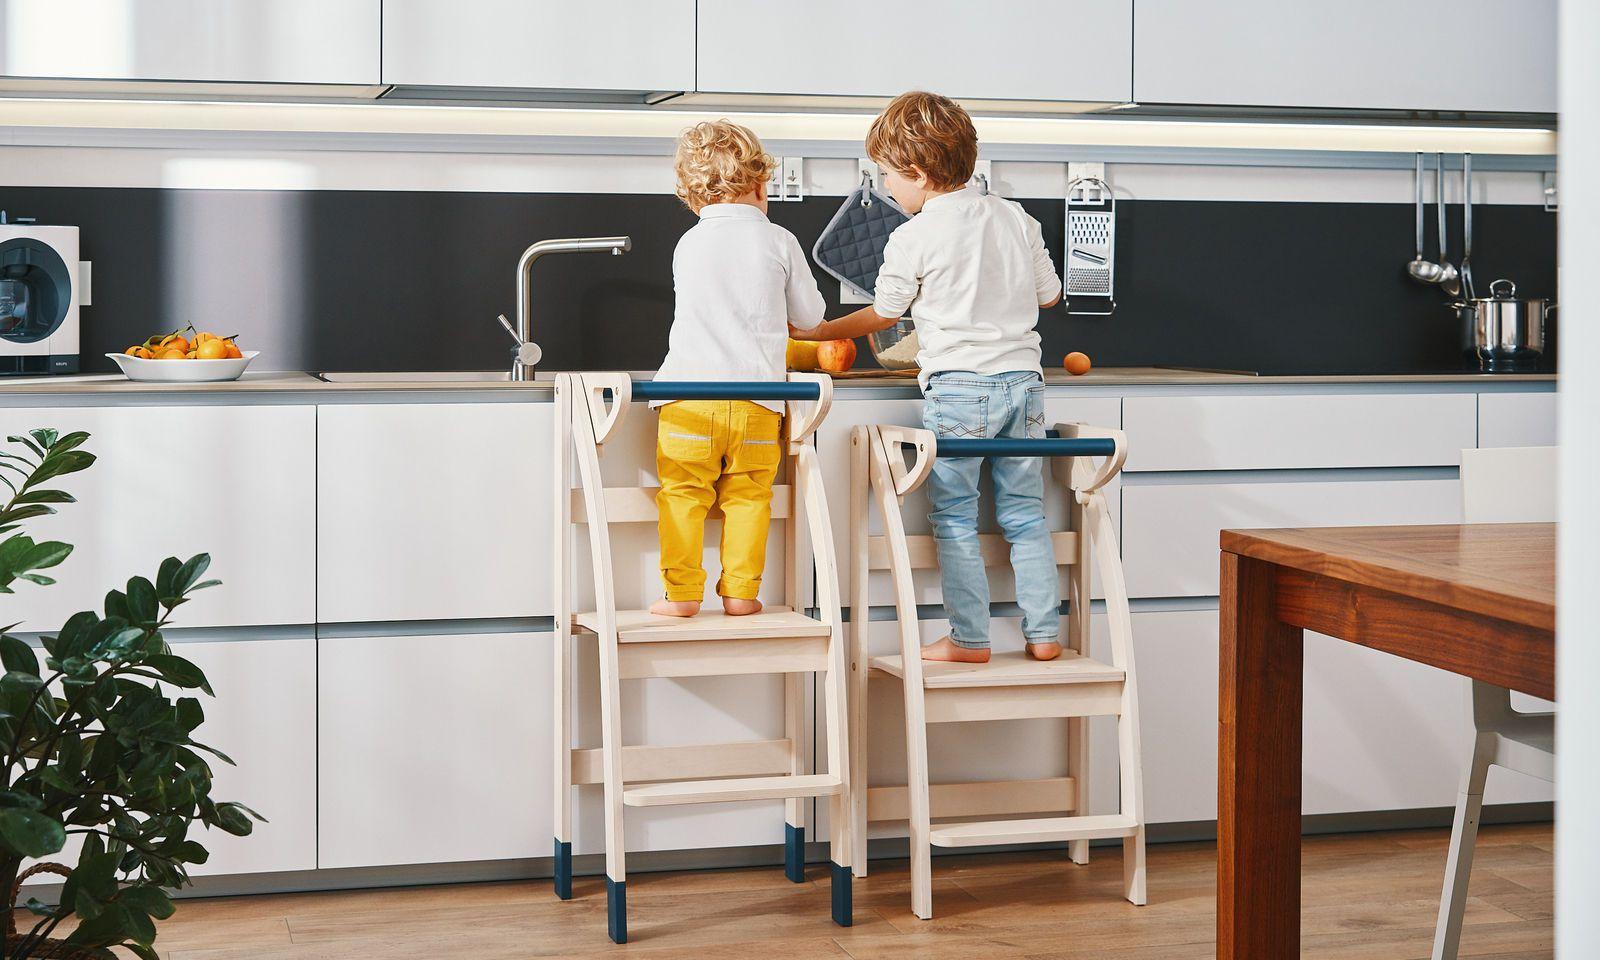 Der neue Luxus für Kinder und Eltern: Eine Tür, die schließt